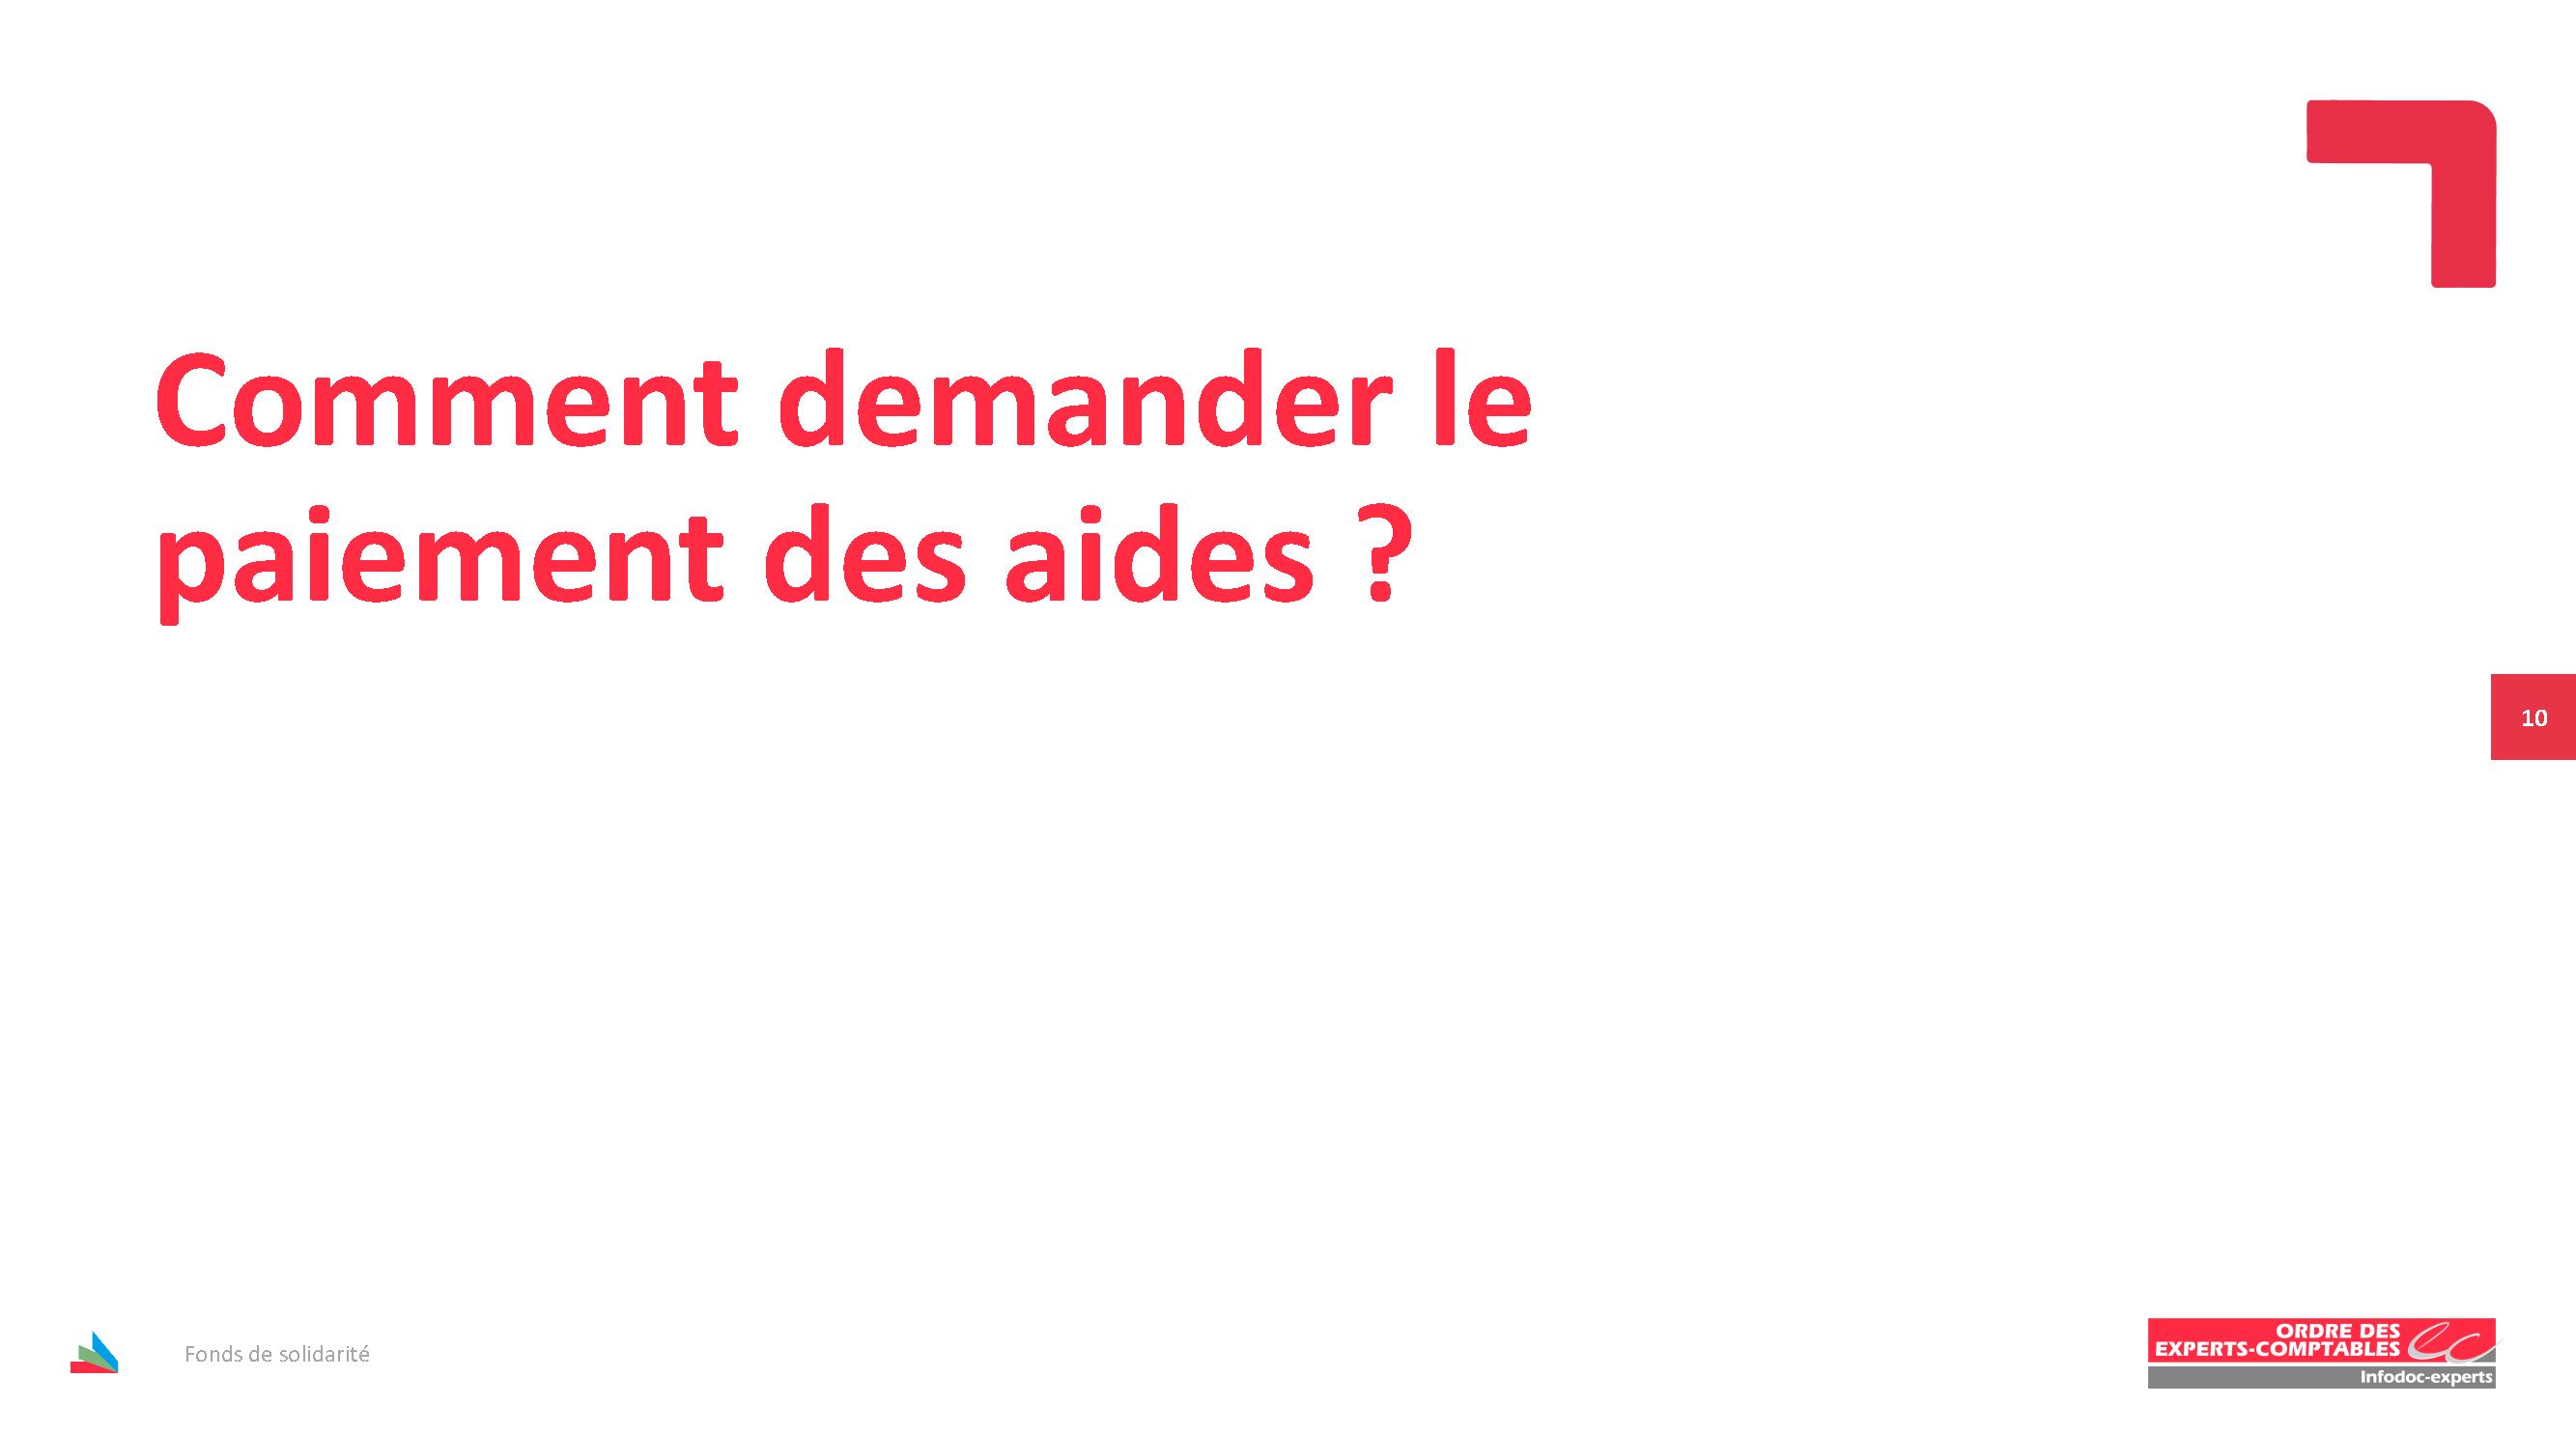 Fonds solidarité_diapo seul_31032020_Page_10